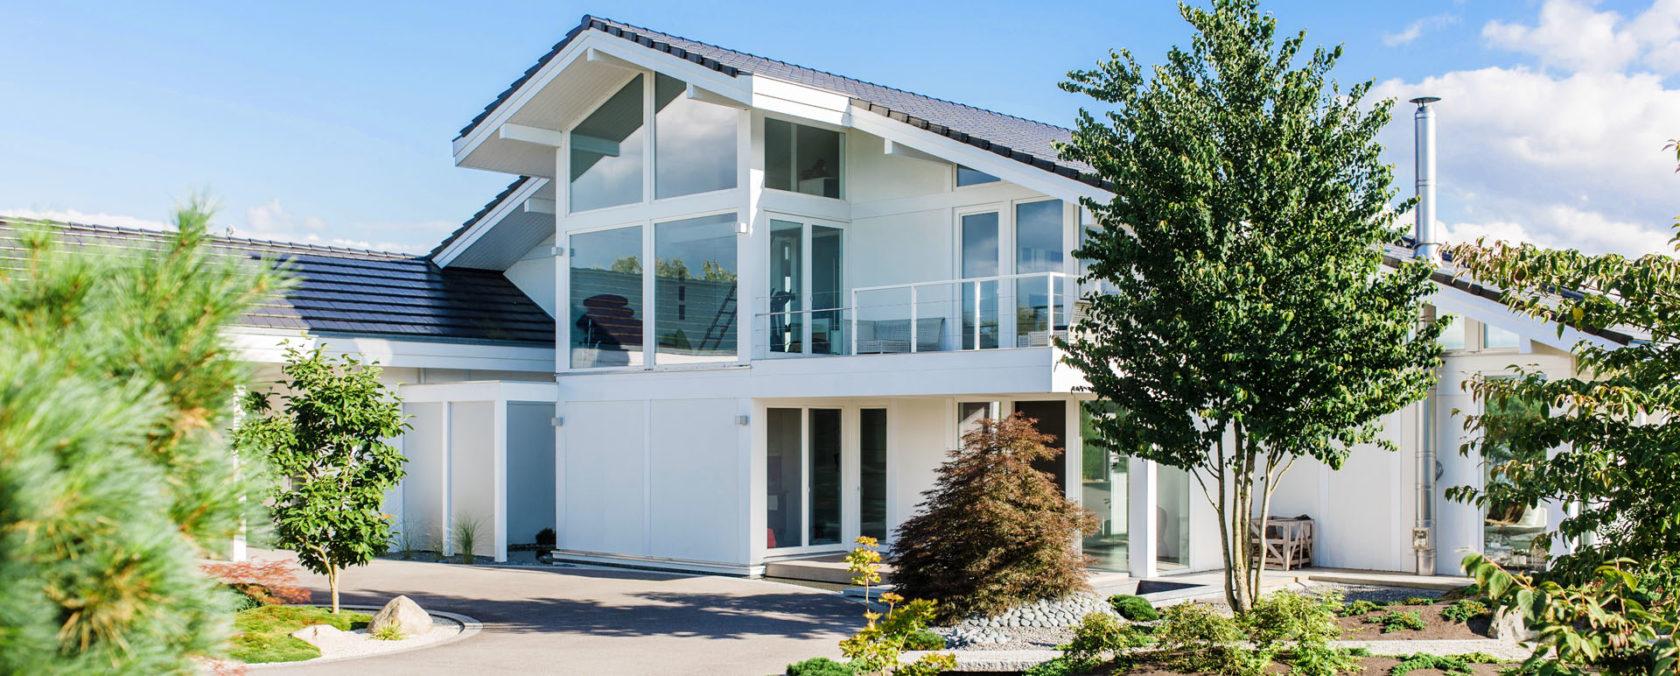 Bezaubernd Musterhäuser Amerikanischer Stil Das Beste Von Moderne Fachwerkhäuser